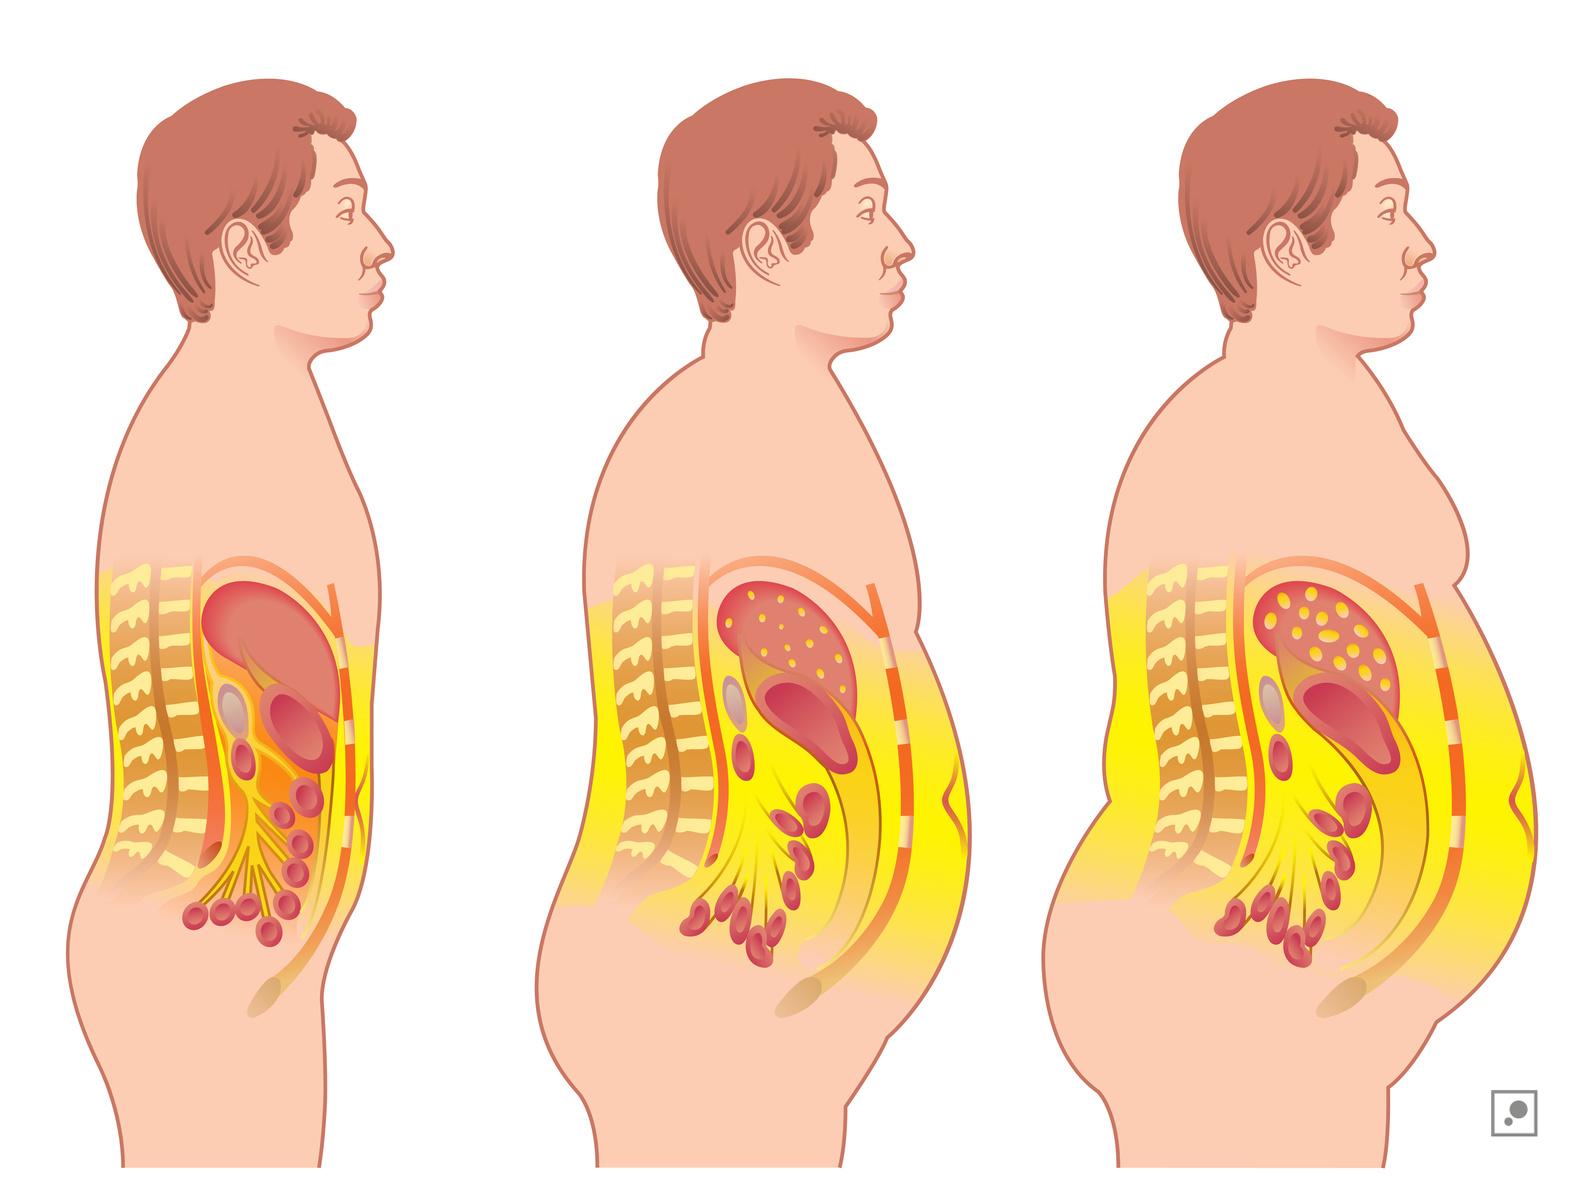 Cum să pierzi grăsimea internă a coapsei 2020 - The healthy post